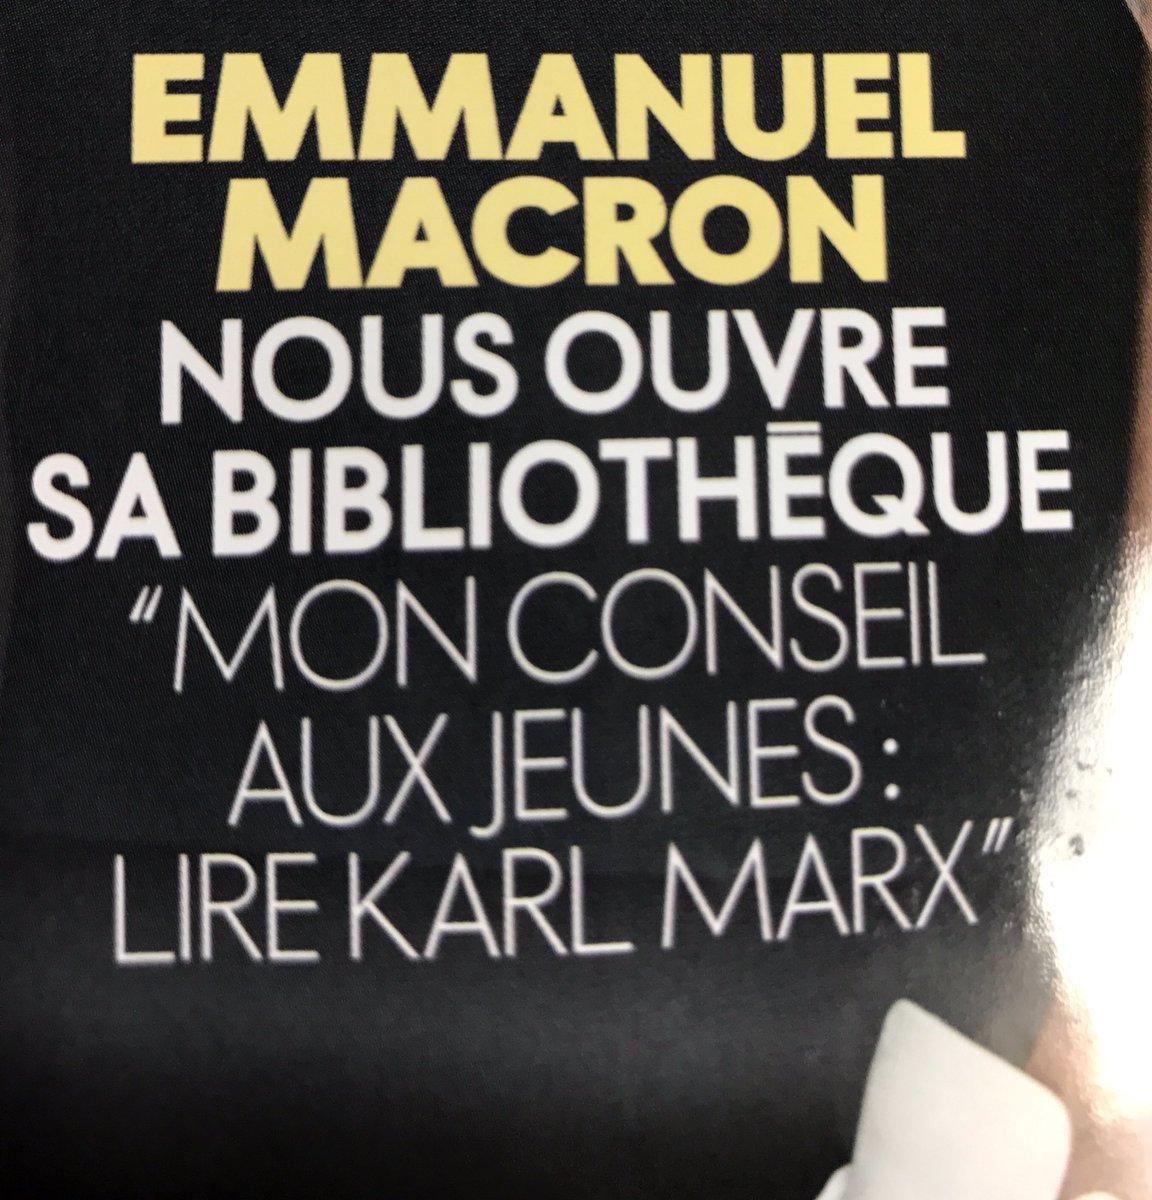 Dans @ELLEfrance, @EmmanuelMacron recommande de lire 'Le Capital' de Karl Marx et 'Révolution' de lui-même.